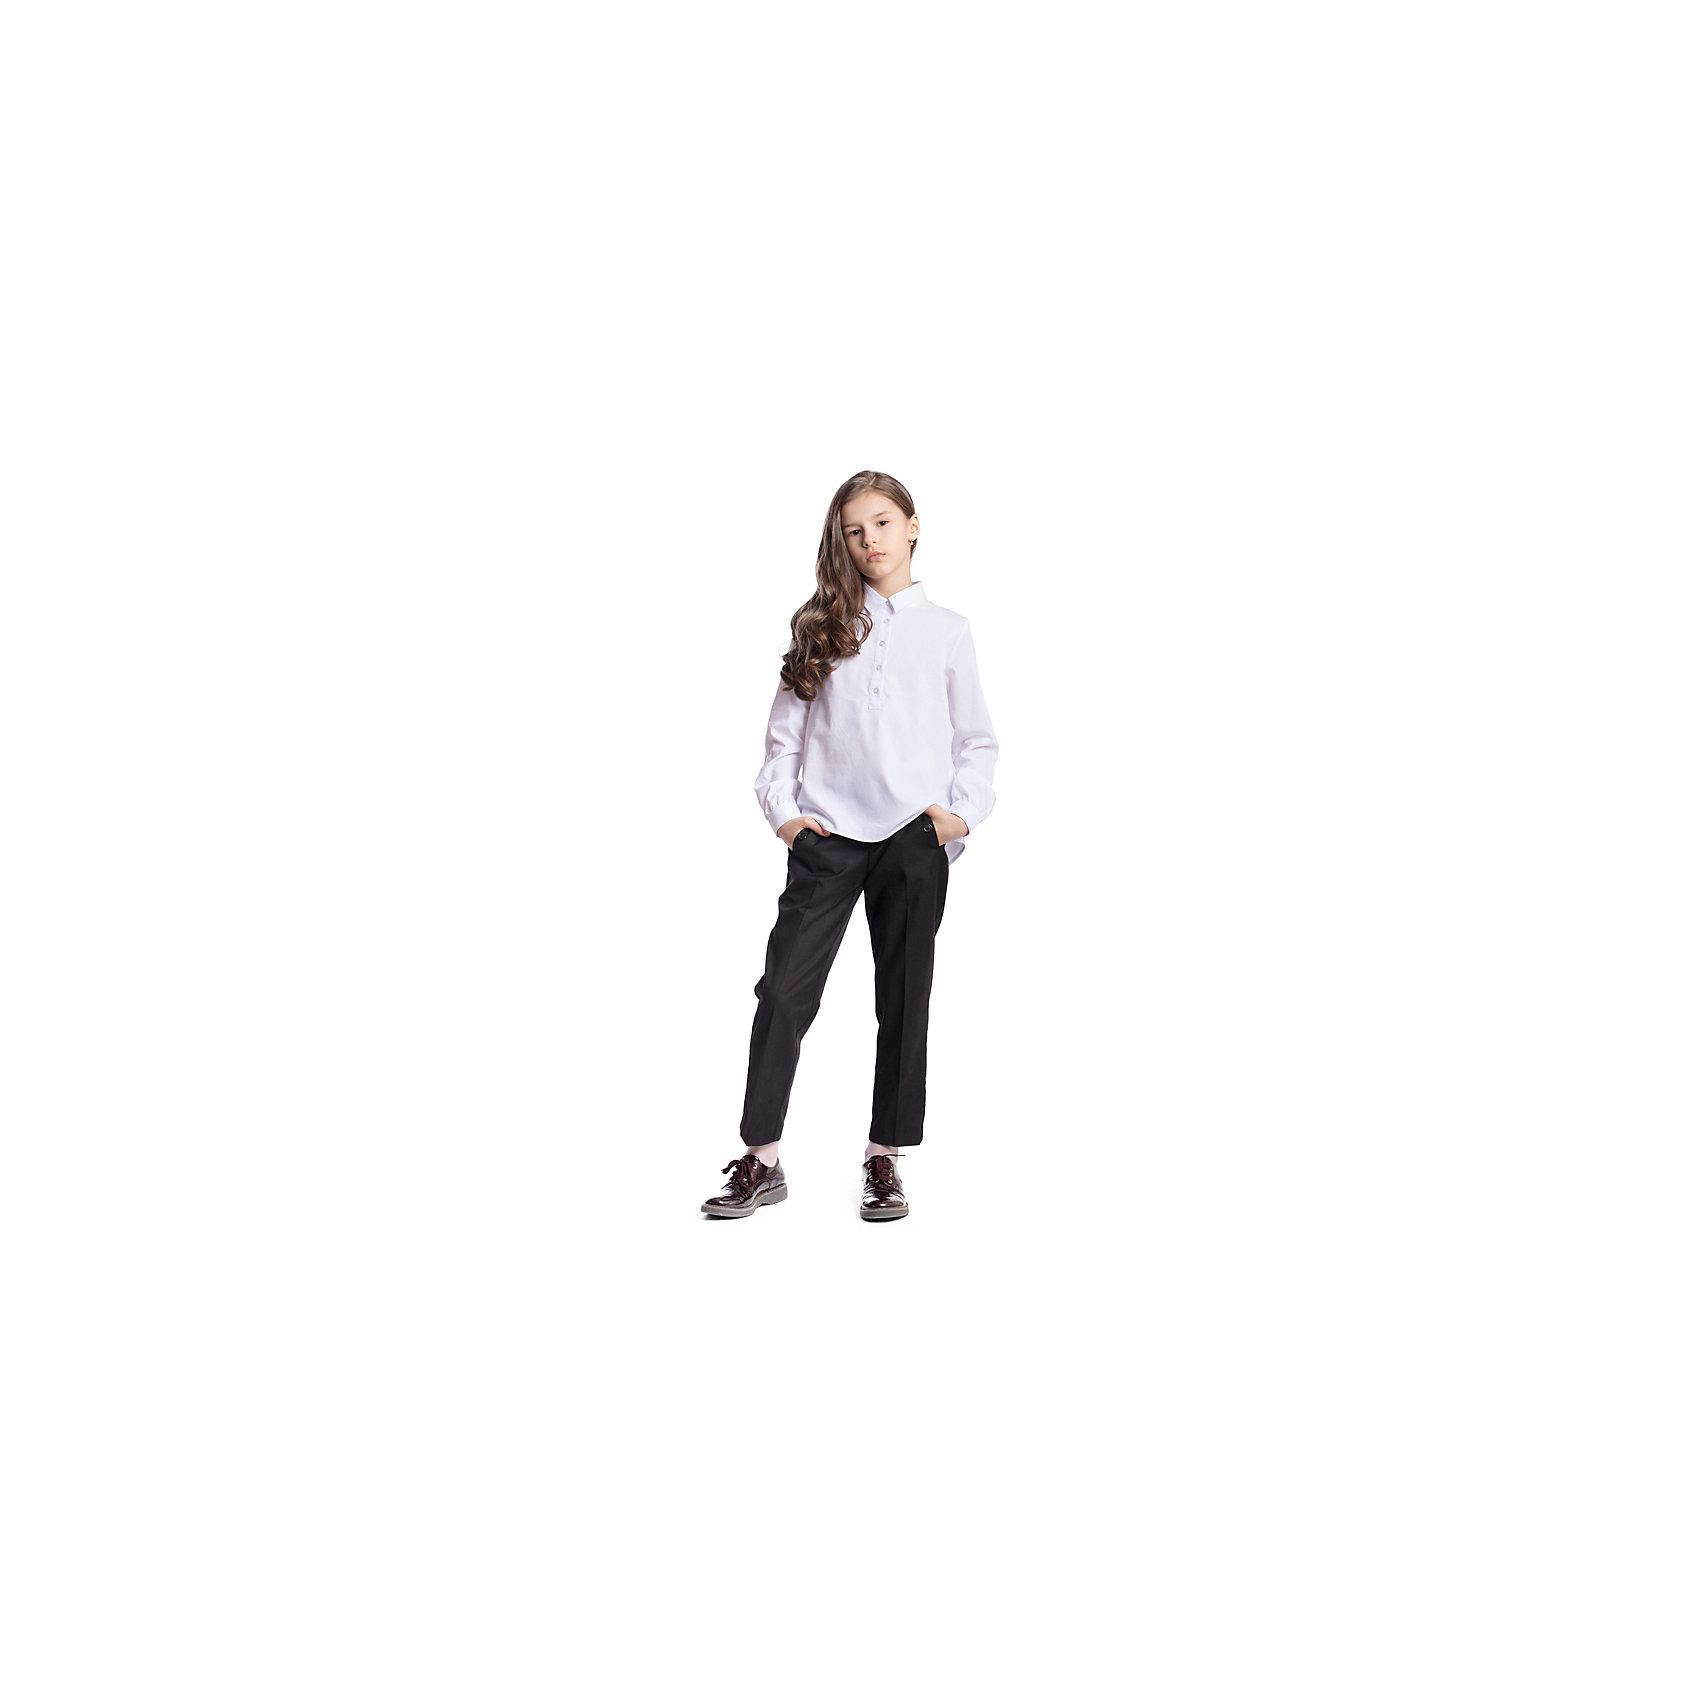 Брюки текстильные для девочки ScoolБрюки<br>Брюки текстильные для девочки Scool<br>Брюки - капри со стрелками в деловом стиле. При конструировании этой модели учитывались все детские физиологические особенности. По талии предусмотрена регулировка за счет удобной резинки на пуговицах.Преимущества: Модель со шлевками при необходимости можно использовать ременьБрюки с вшивными карманами на пуговицах<br>Состав:<br>65% полиэстер, 35% вискоза<br><br>Ширина мм: 215<br>Глубина мм: 88<br>Высота мм: 191<br>Вес г: 336<br>Цвет: черный<br>Возраст от месяцев: 72<br>Возраст до месяцев: 84<br>Пол: Женский<br>Возраст: Детский<br>Размер: 122,164,158,152,146,140,134,128<br>SKU: 6754746